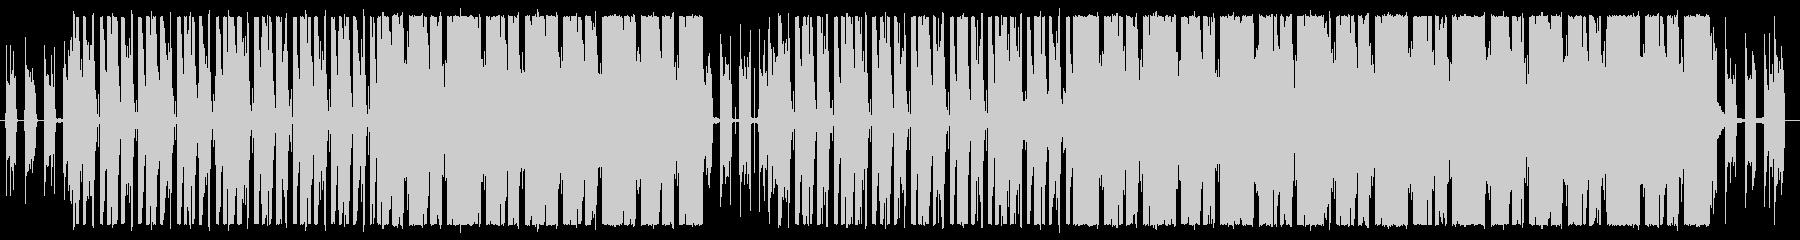 ポップロック研究所ジャングリバウン...の未再生の波形